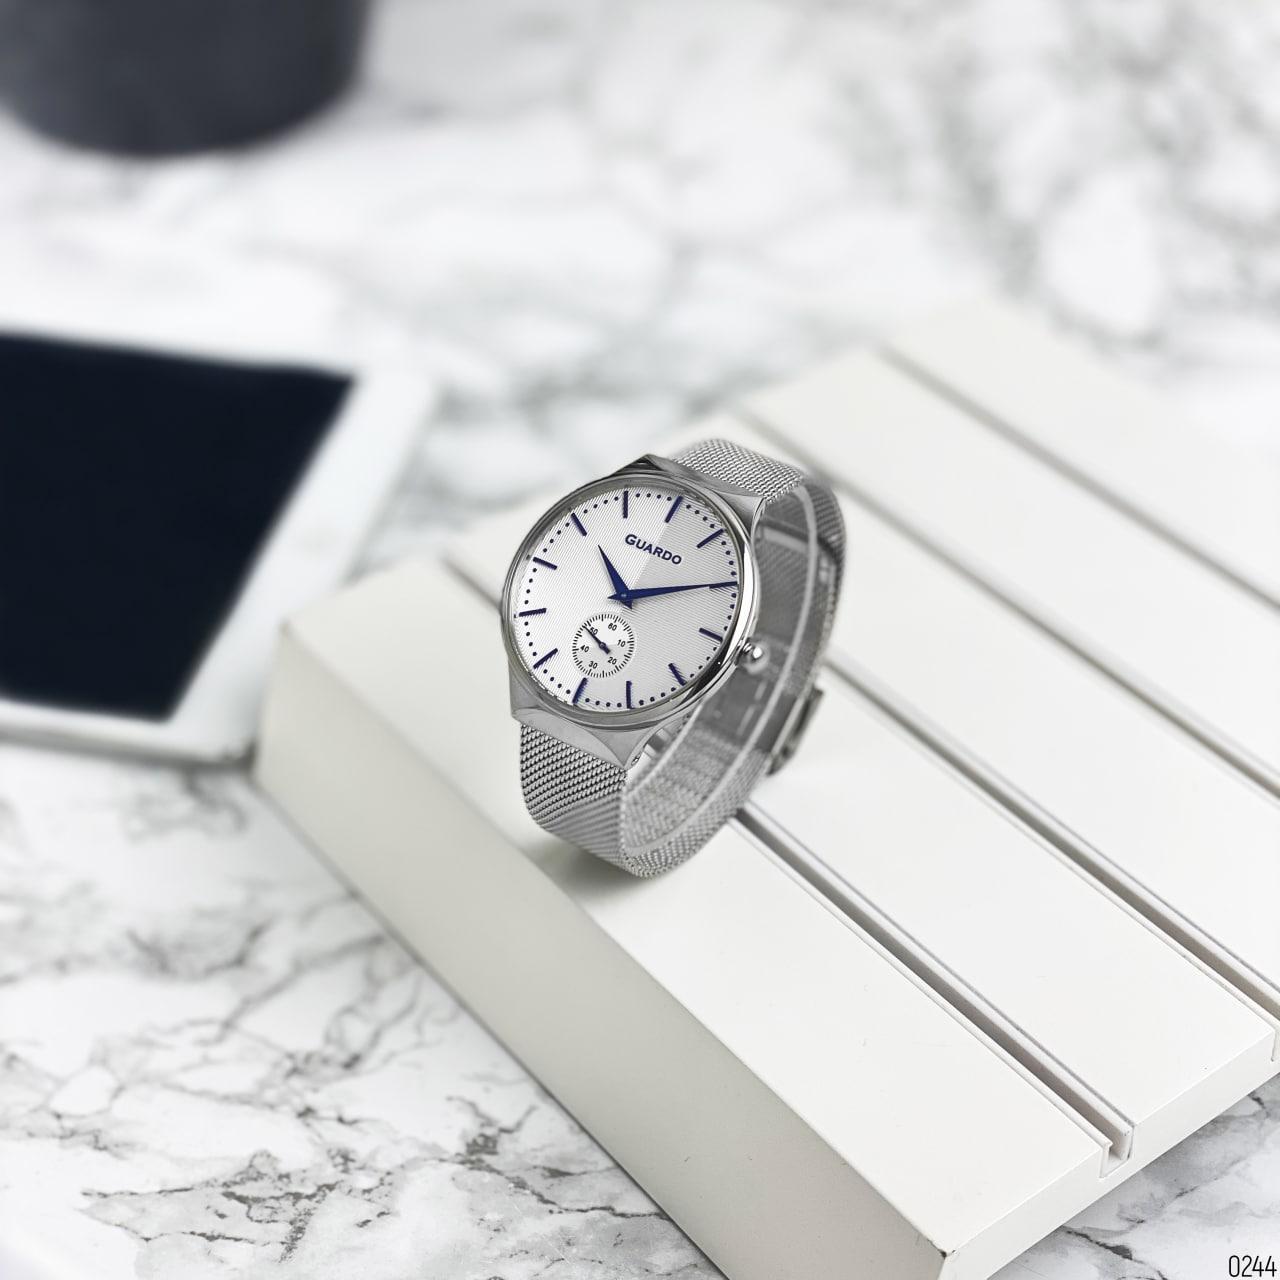 Чоловічі наручні годинники Guardo 012473